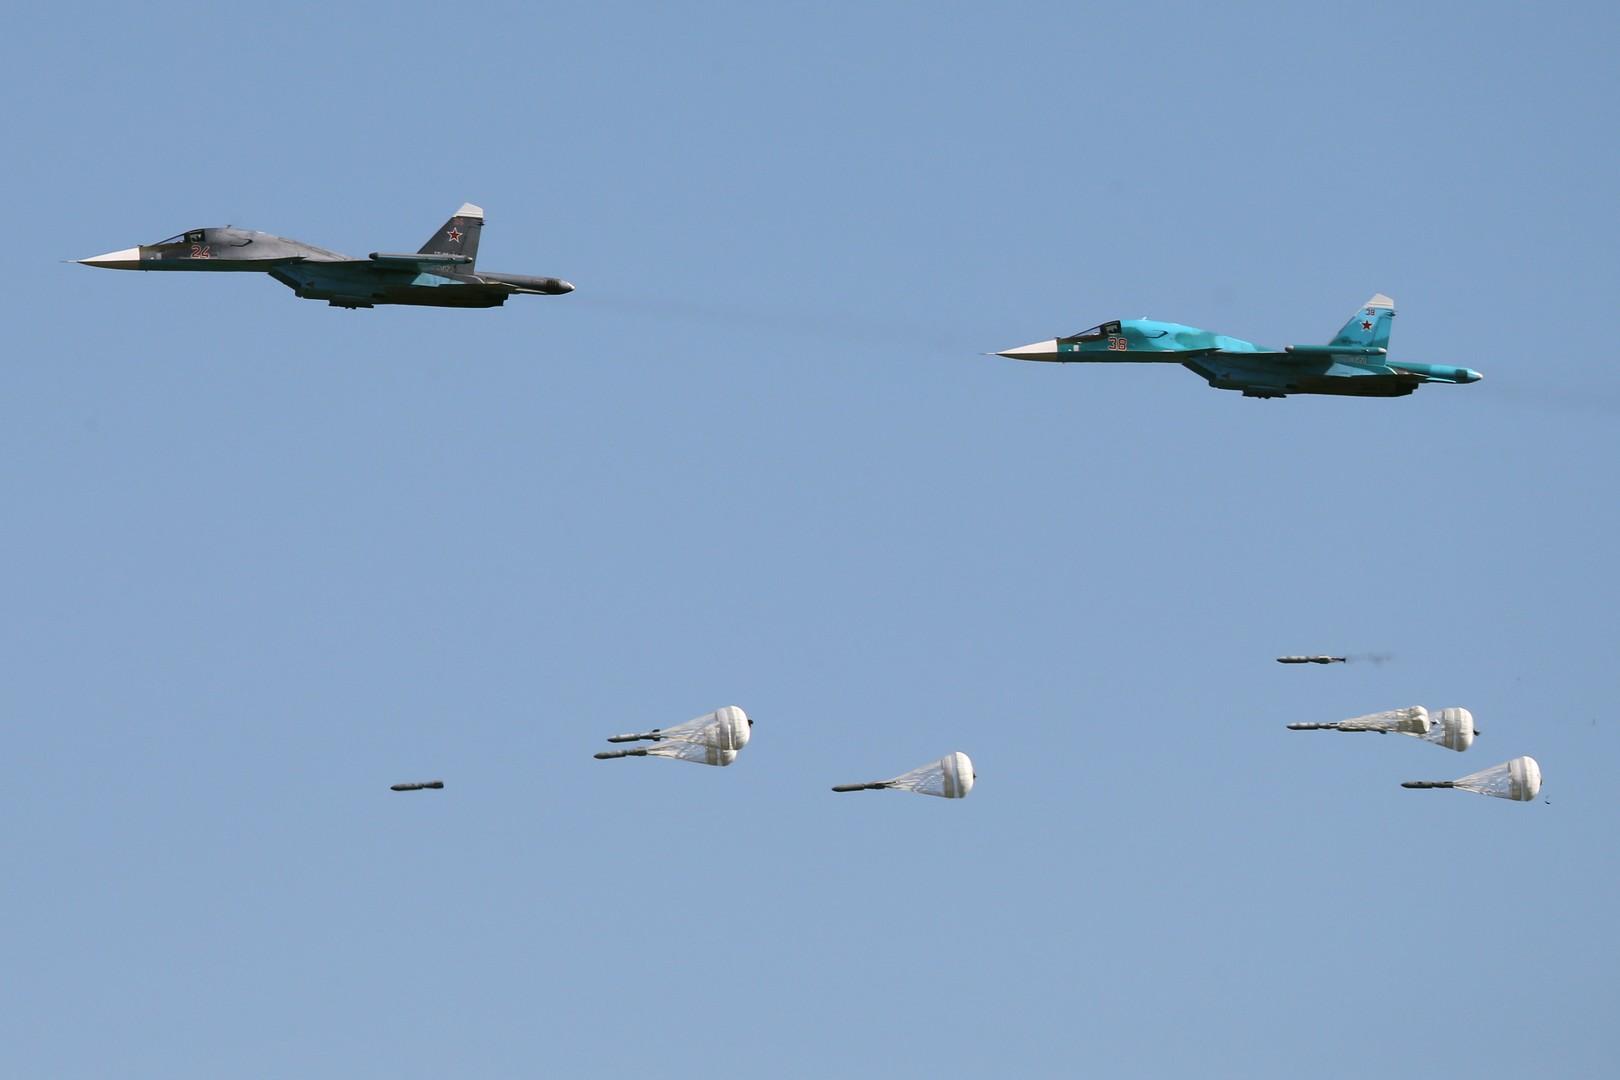 Многофункциональные истребители-бомбардировщики Су-34 во время конкурса «Авиадартс-2016», проходящего в рамках «Международных армейских игр-2016», на полигоне «Дубровичи» в Рязанской области.